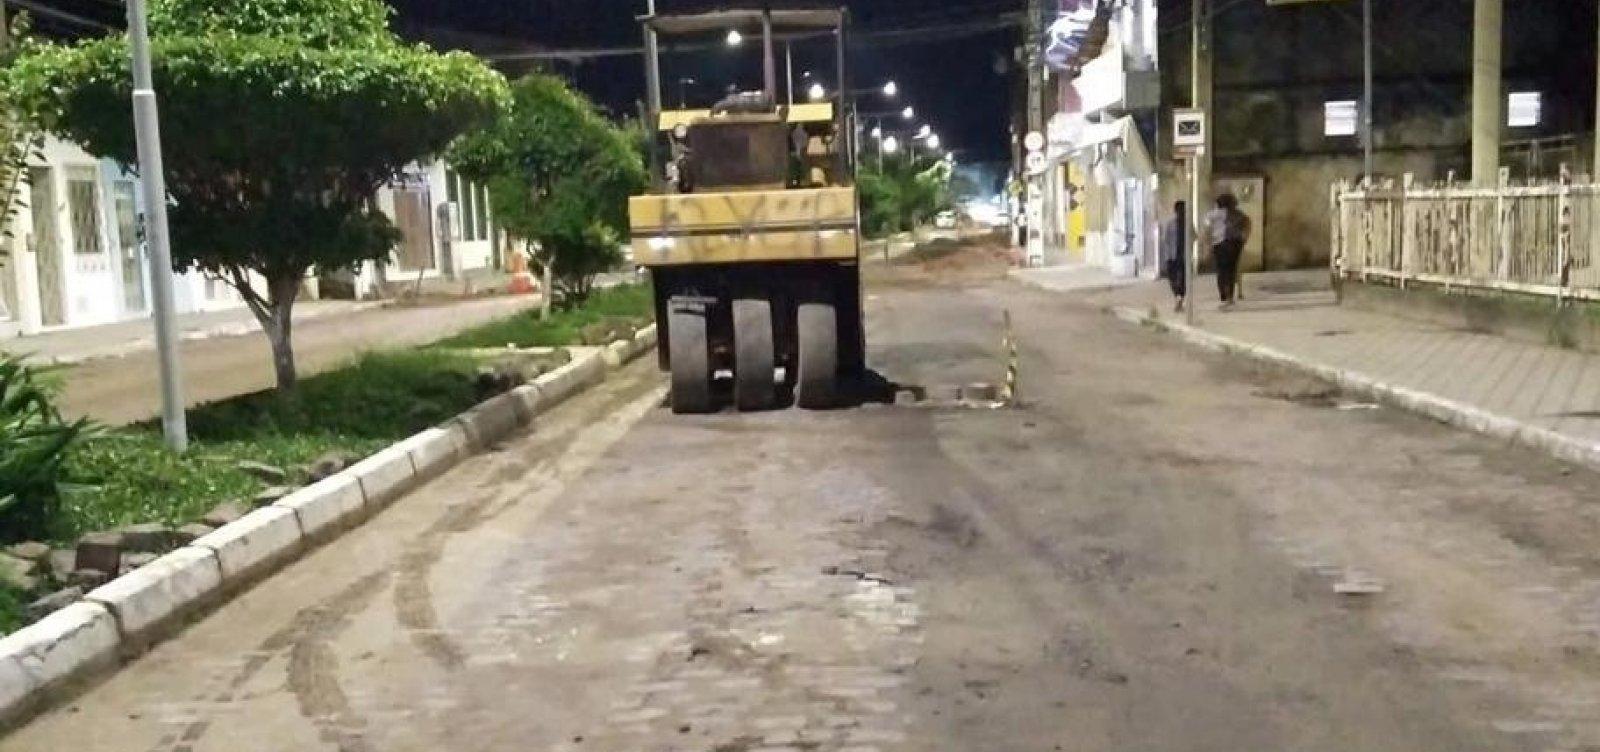 [Veja: Jorge Portugal convoca 'picaretaço' para retirar asfalto em Santo Amaro]